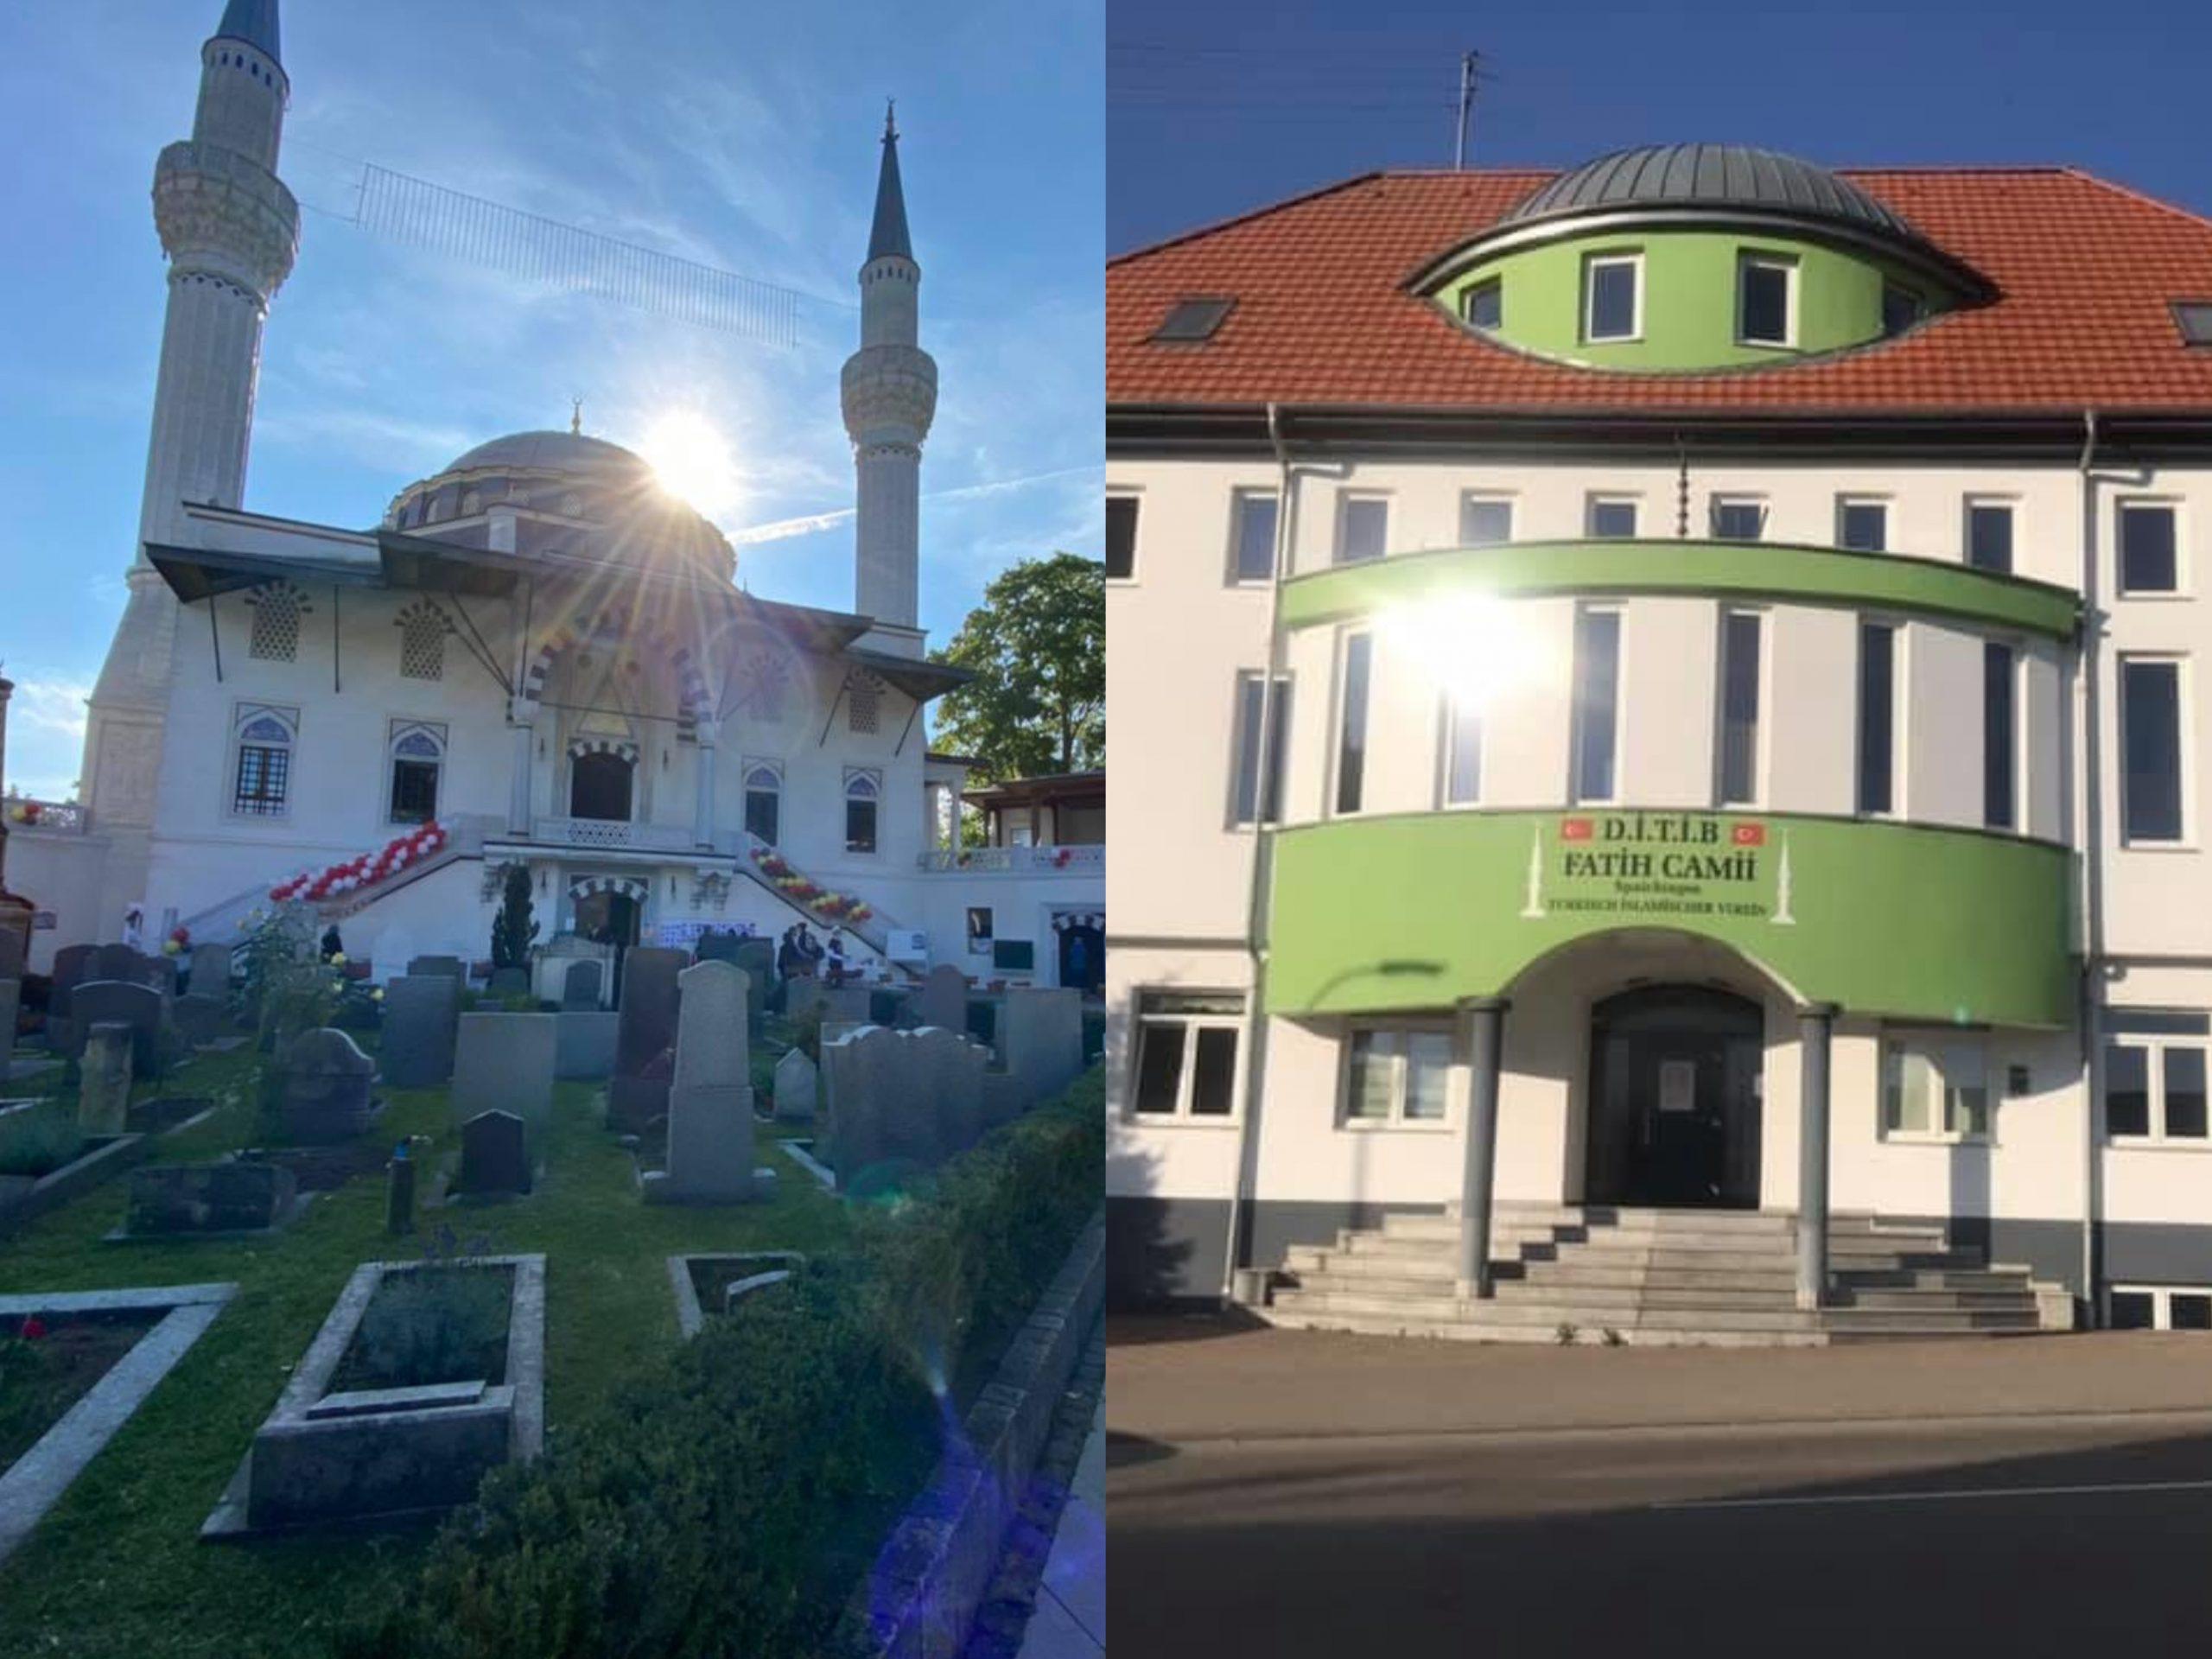 Berlin Şehitlik Camii (solda); Spaichingen Fatih Camii (sağda)